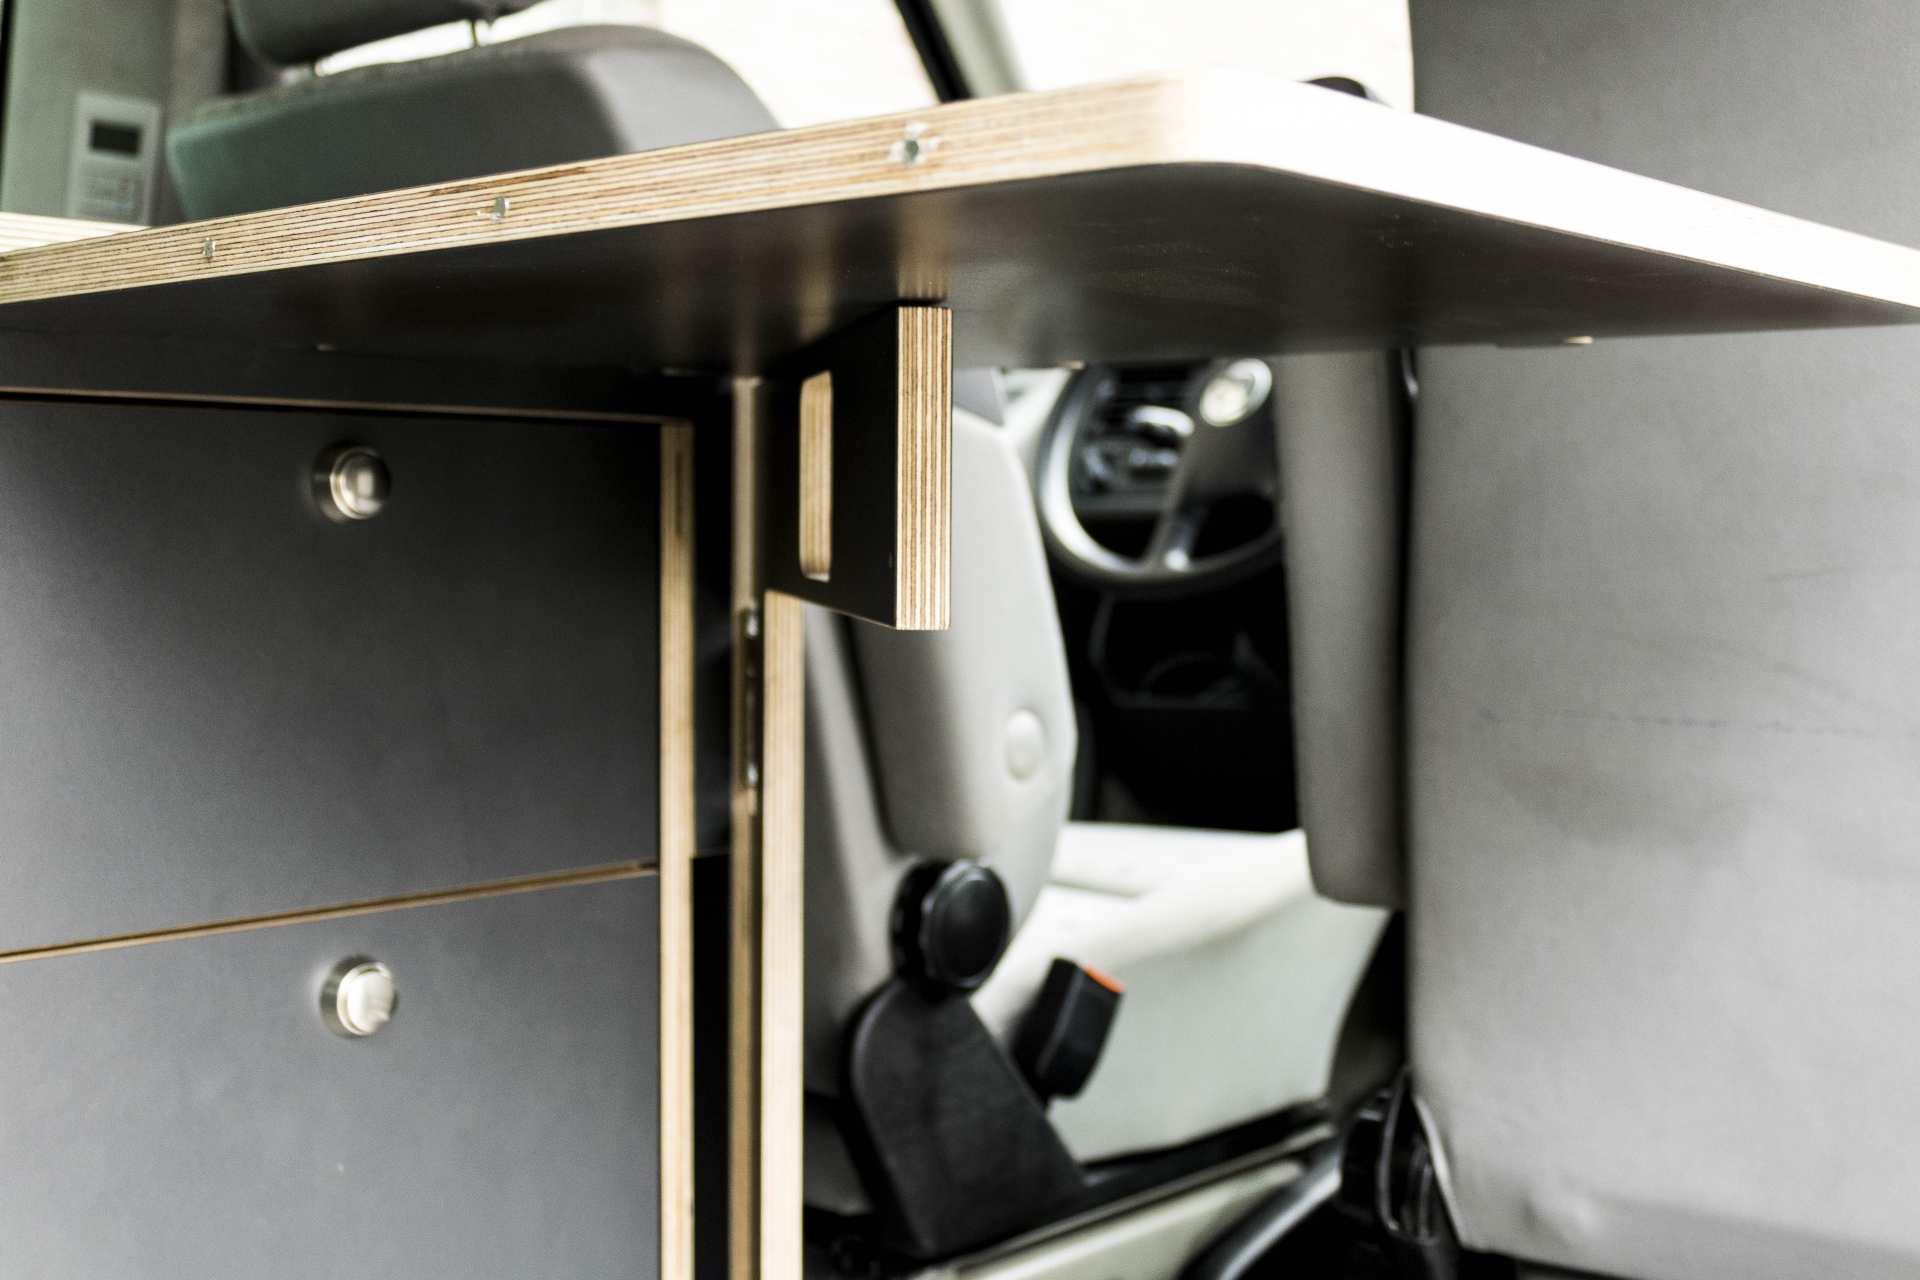 Individualausbau: Tower Campervanmöbel - 5